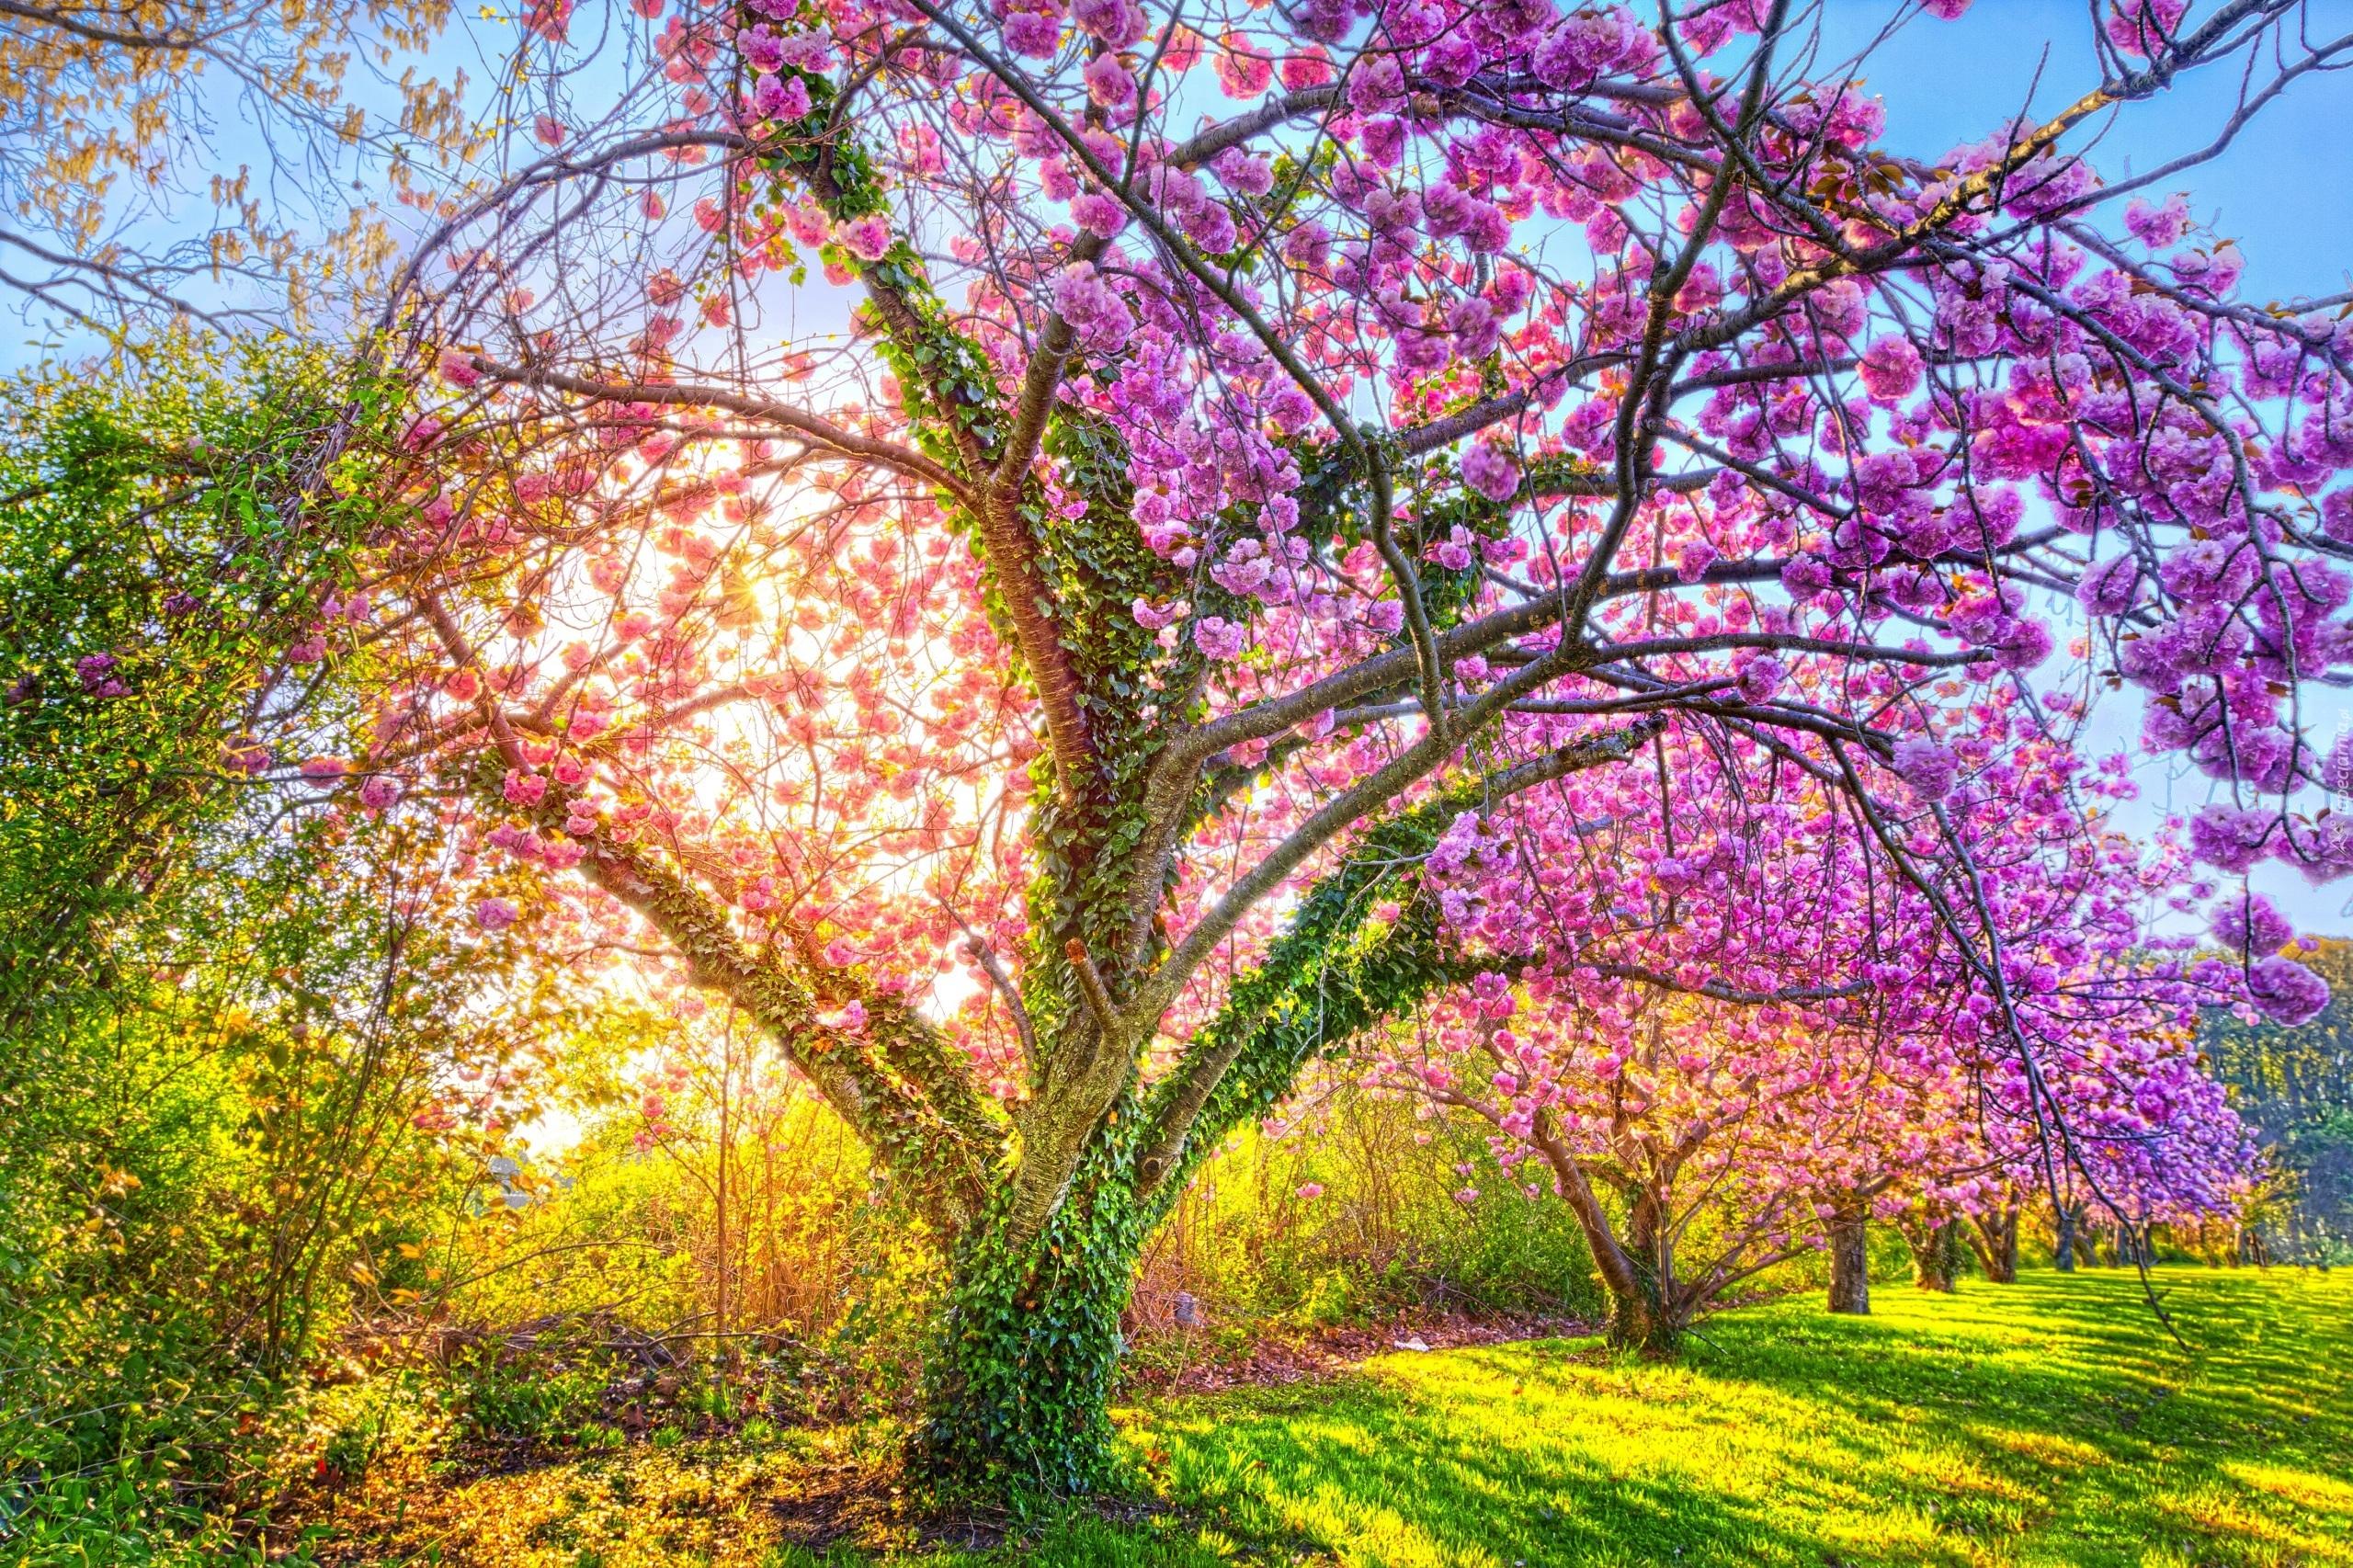 Обои на рабочий стол природа цветение весна деревья цветы